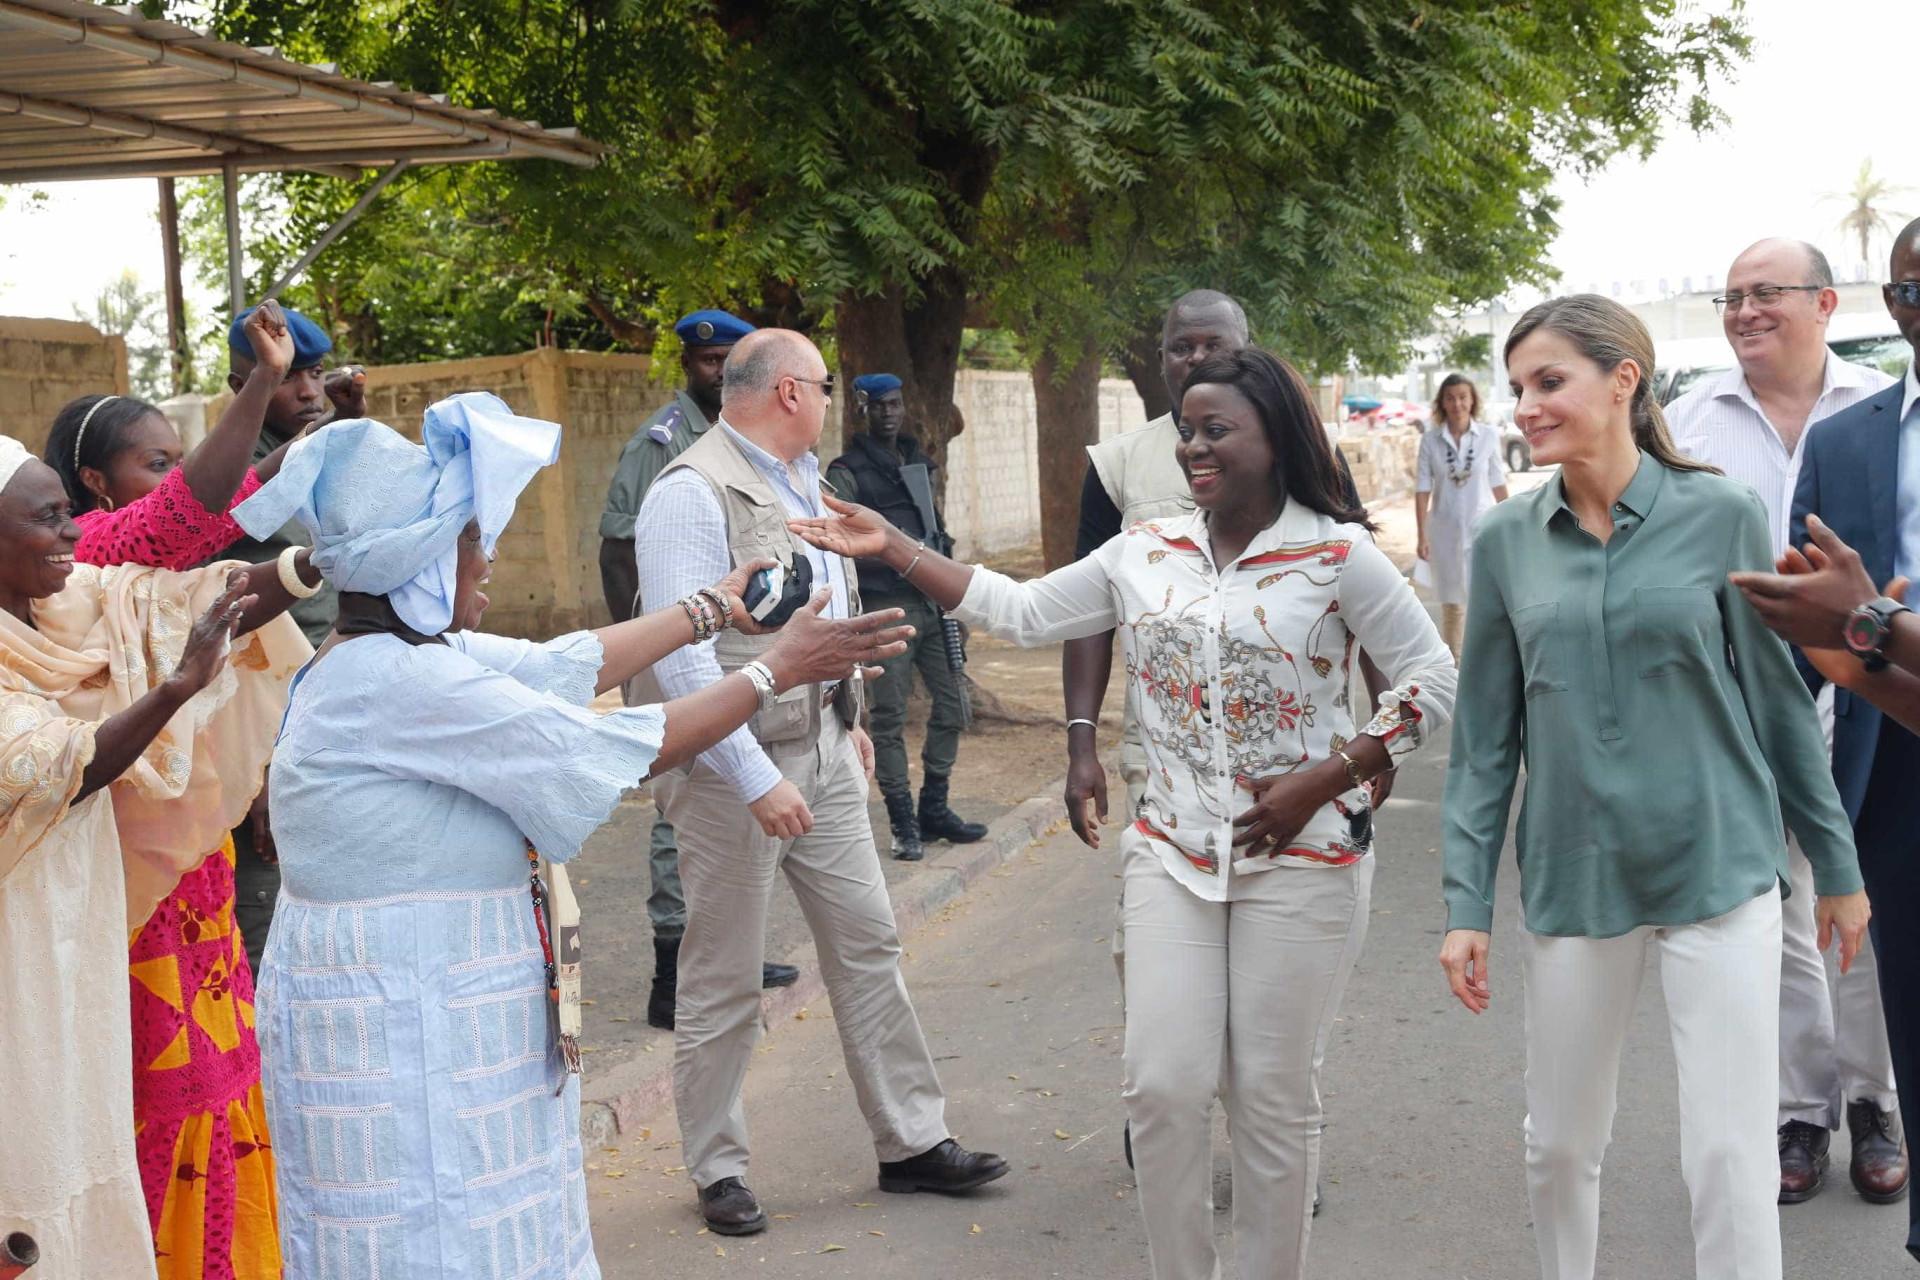 Rainha Letizia encanta presentes na visita ao Senegal